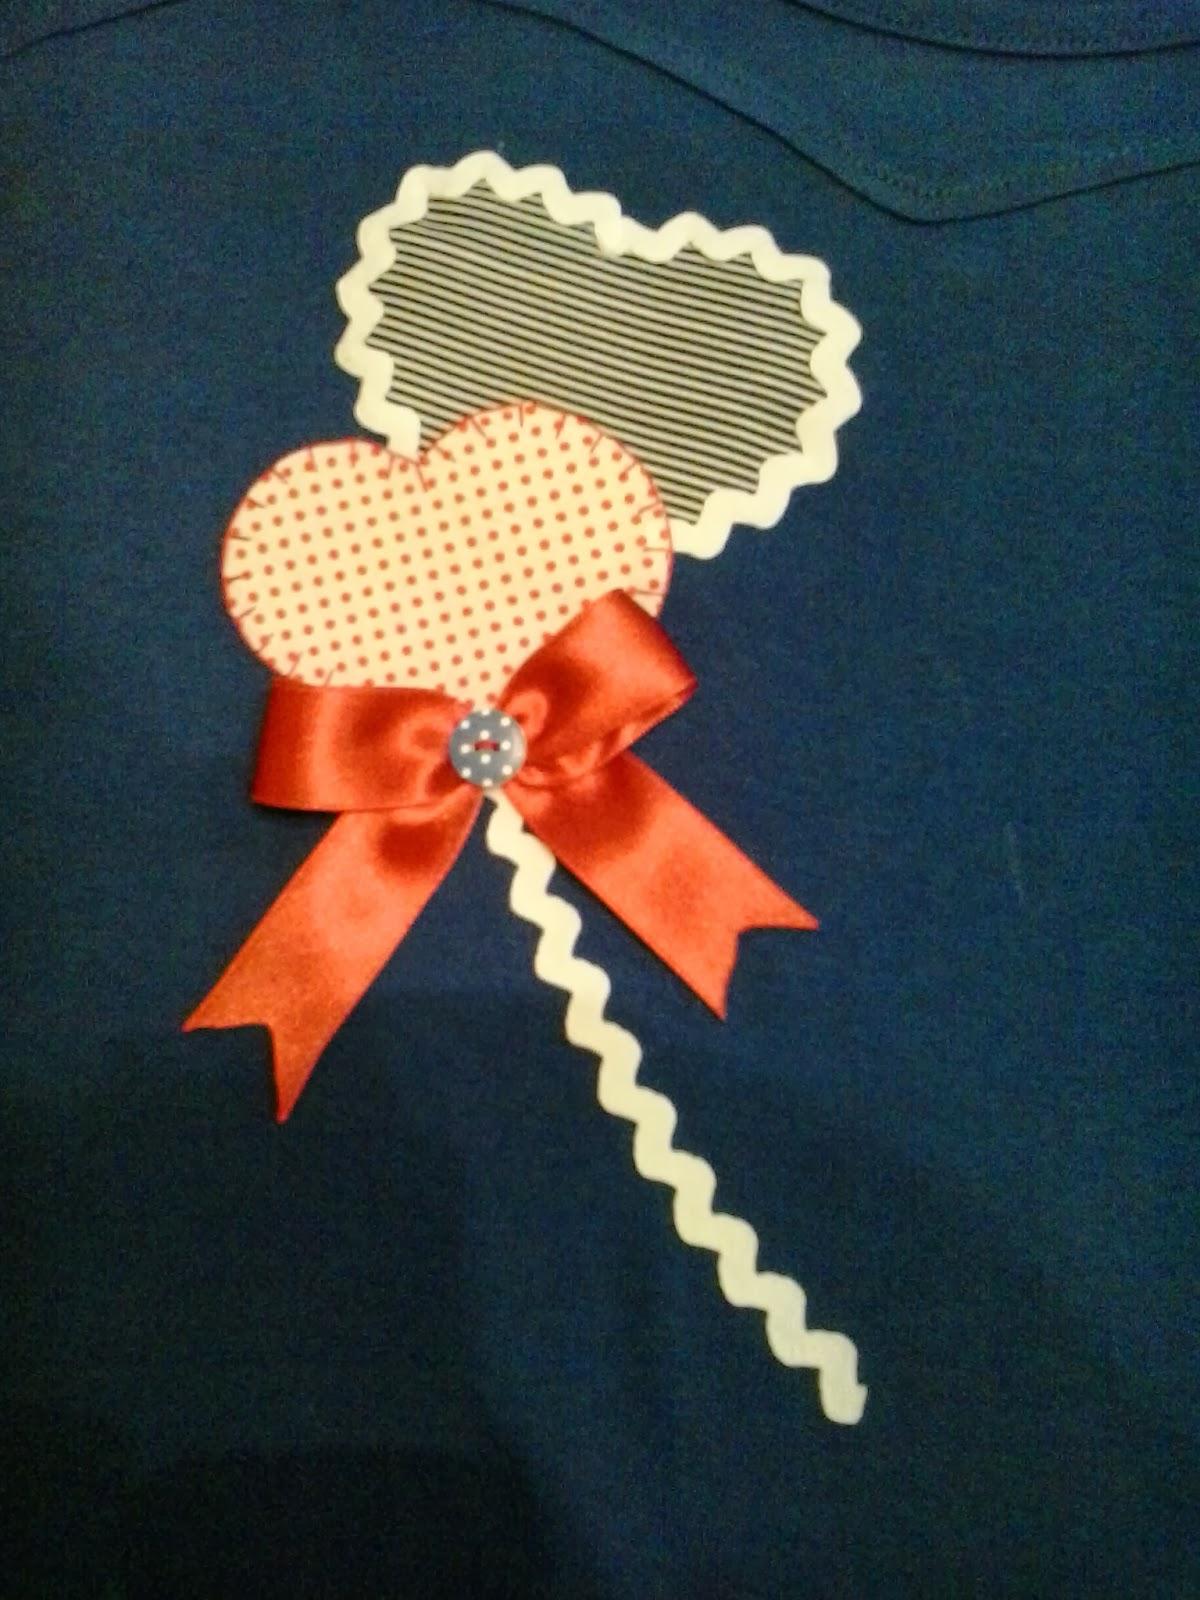 aplicación de corazones para poner en camisetas o otras prendas